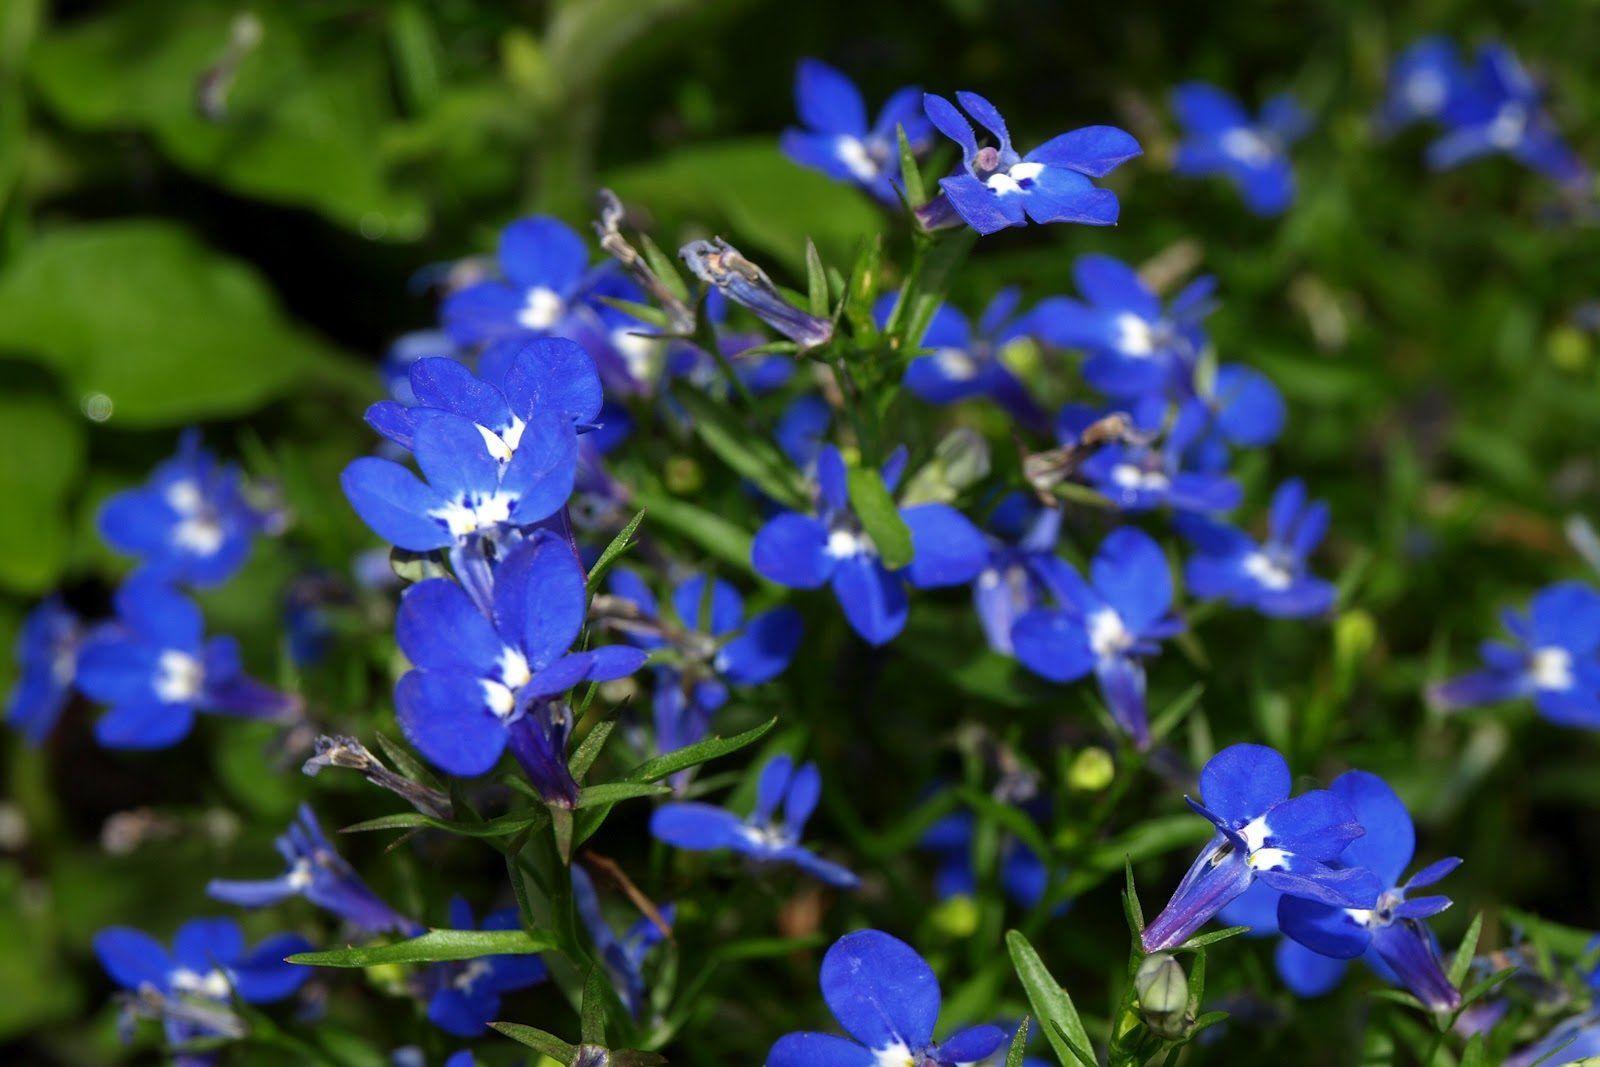 42++ Planta con flores azules pequenas ideas